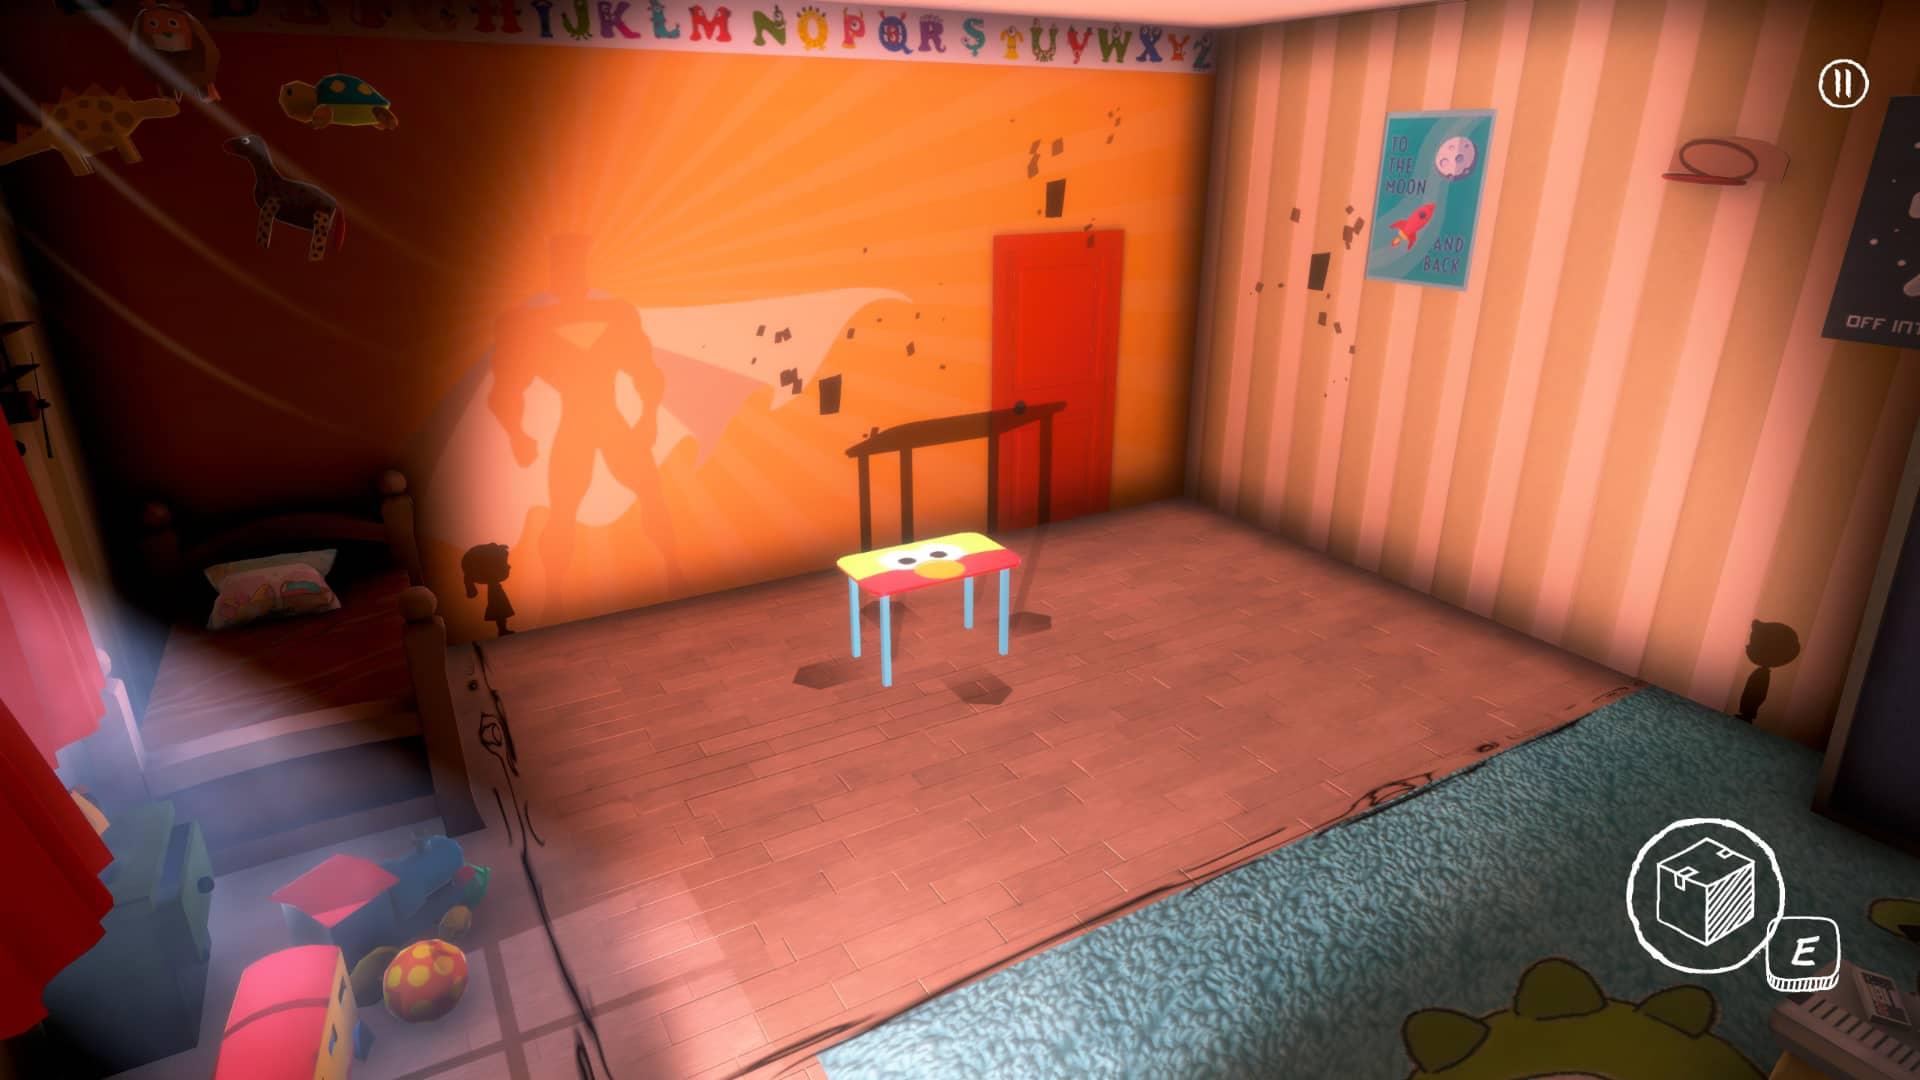 In My Shadow - Playroom